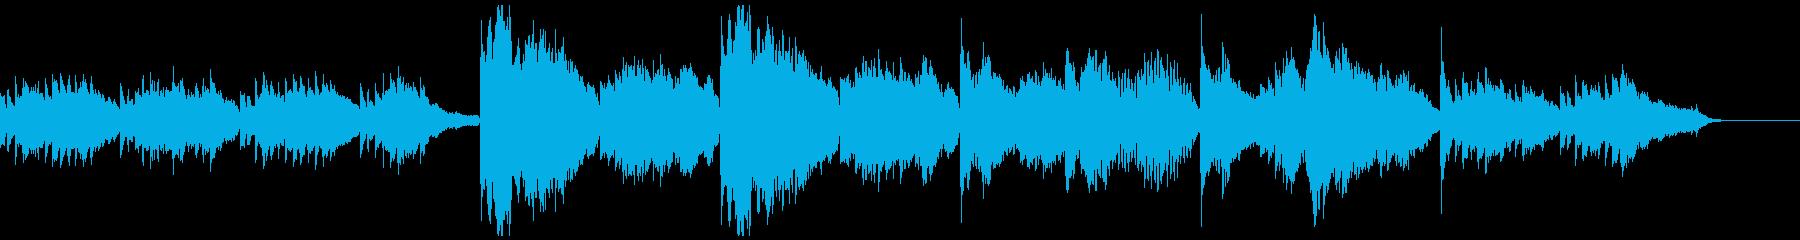 ヒーリング、心が落ち着くBGM Halfの再生済みの波形